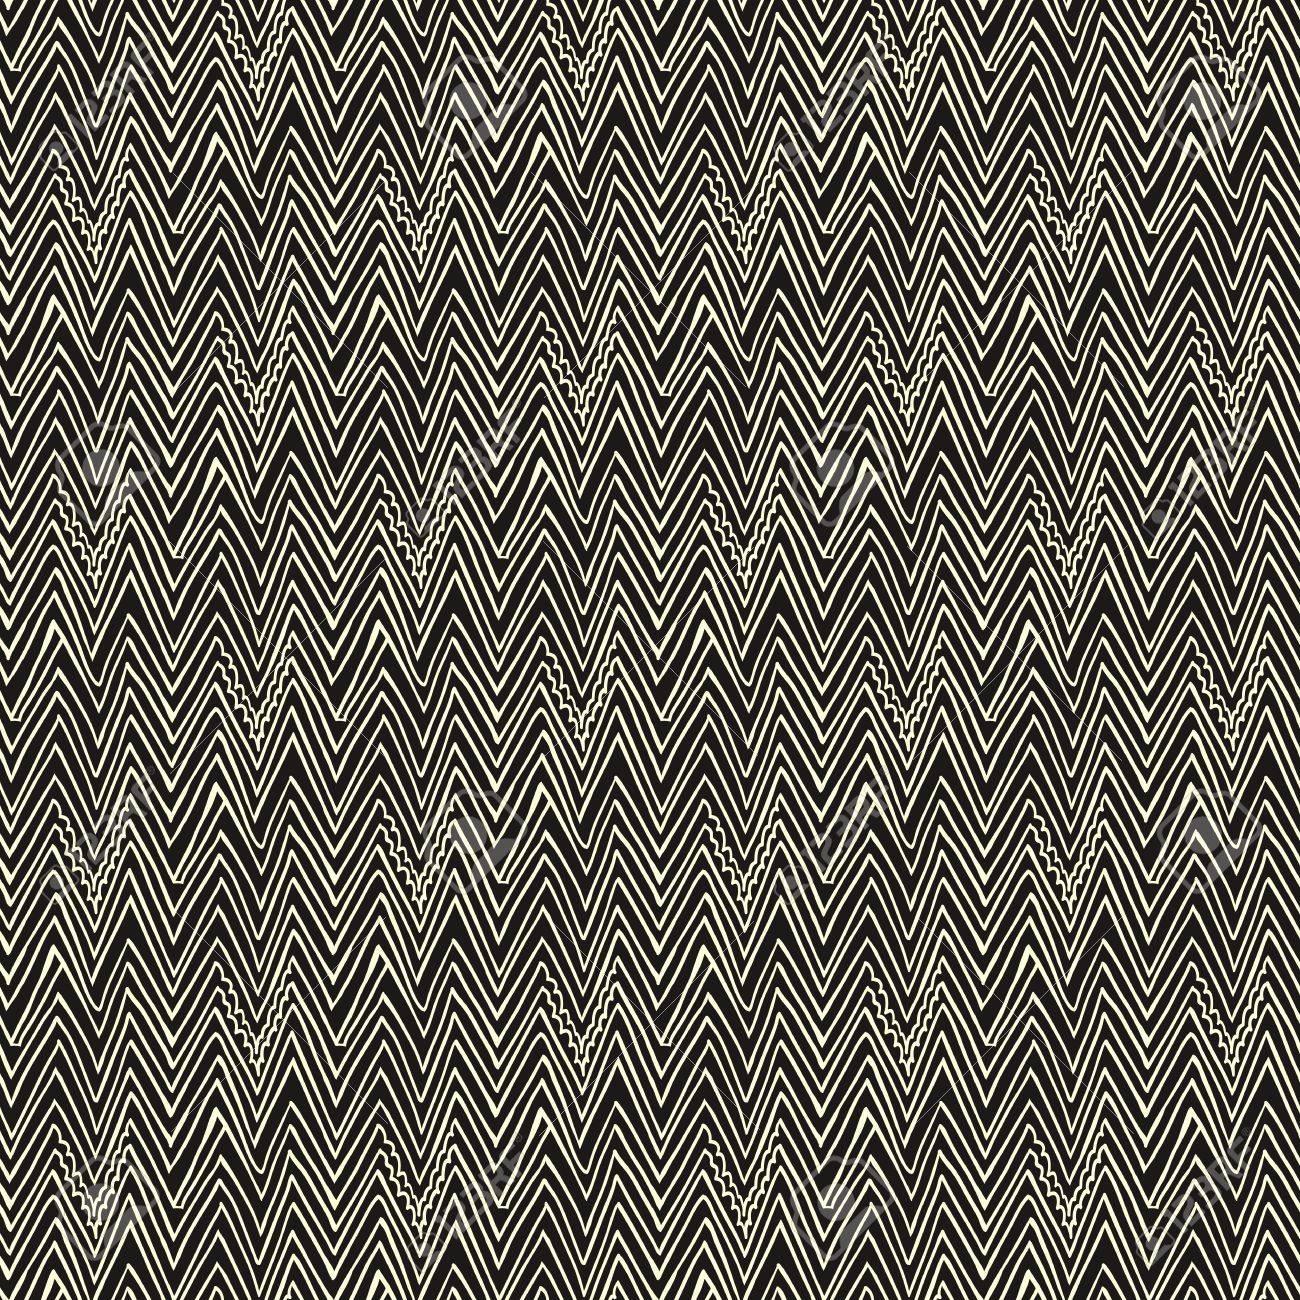 シンプルでエレガントな線形シームレスなパターンと白と黒のジグザグ線 テクスチャのための Web 印刷 壁紙 流行に敏感なスタイルで秋のファッション ファブリック 繊維 ウェブサイトまたは招待状の背景のイラスト素材 ベクタ Image